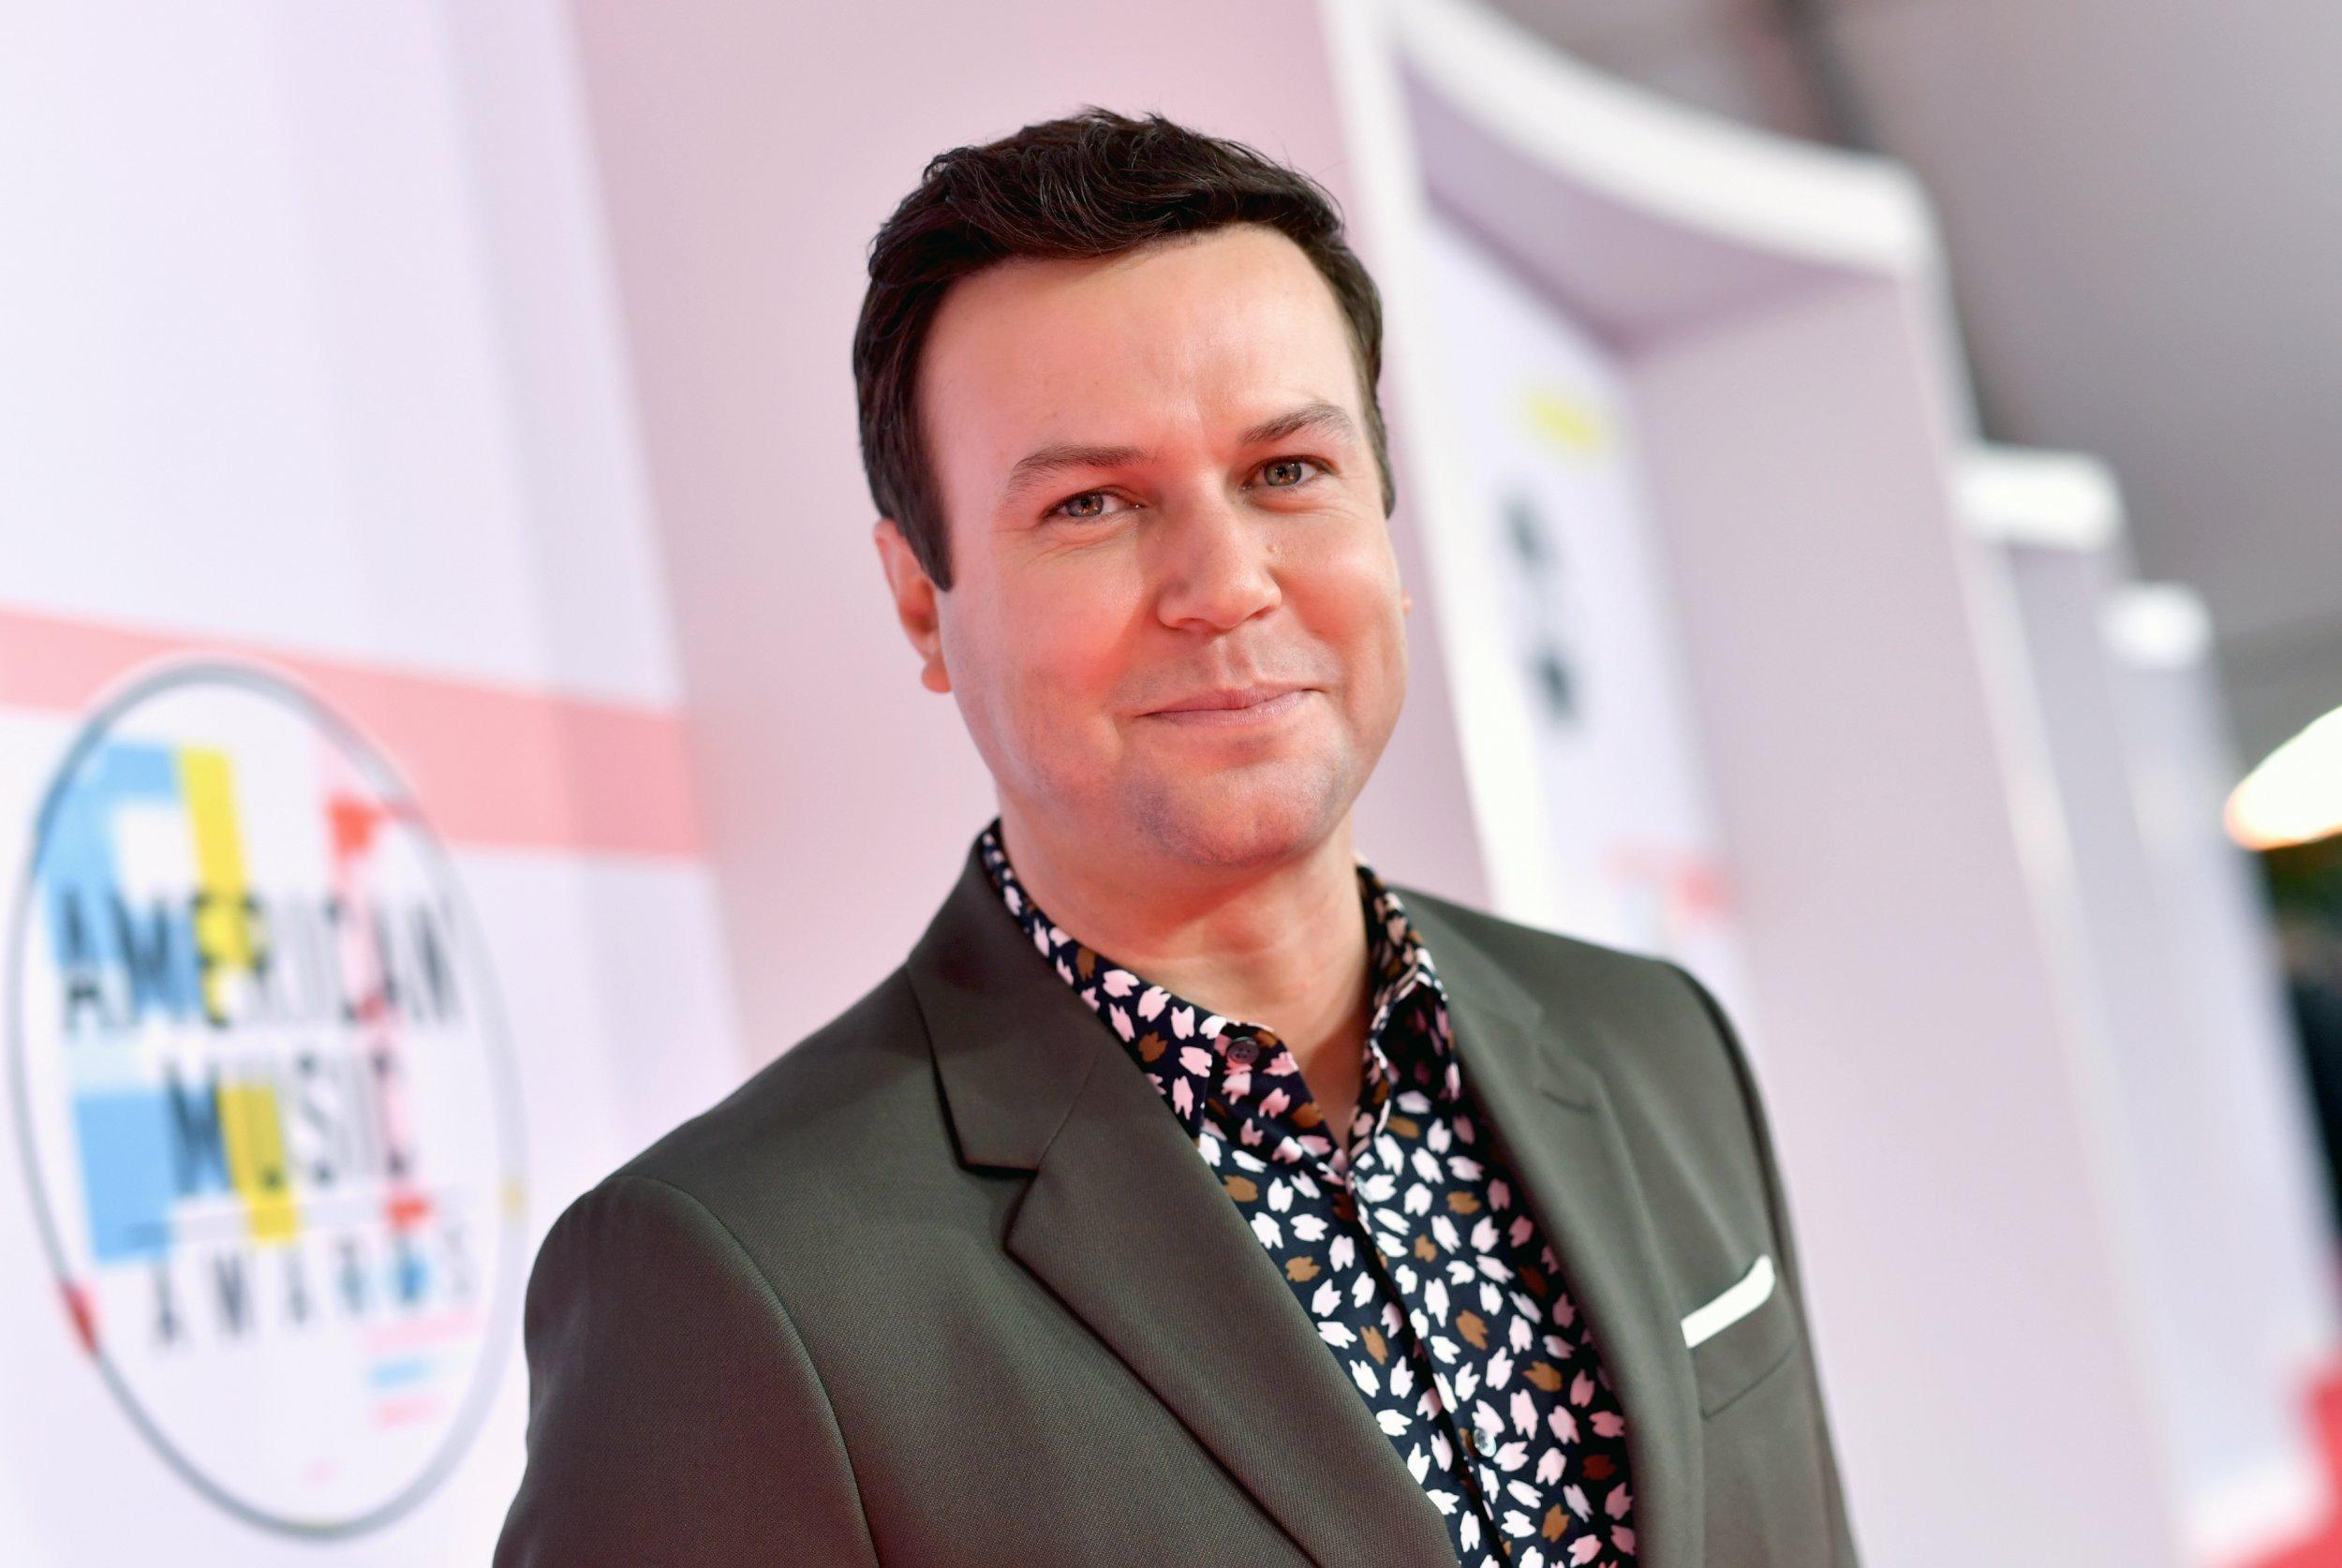 Taran Killam Says Lorne Michael Aimed to Make Trump 'Likable' on 'SNL'